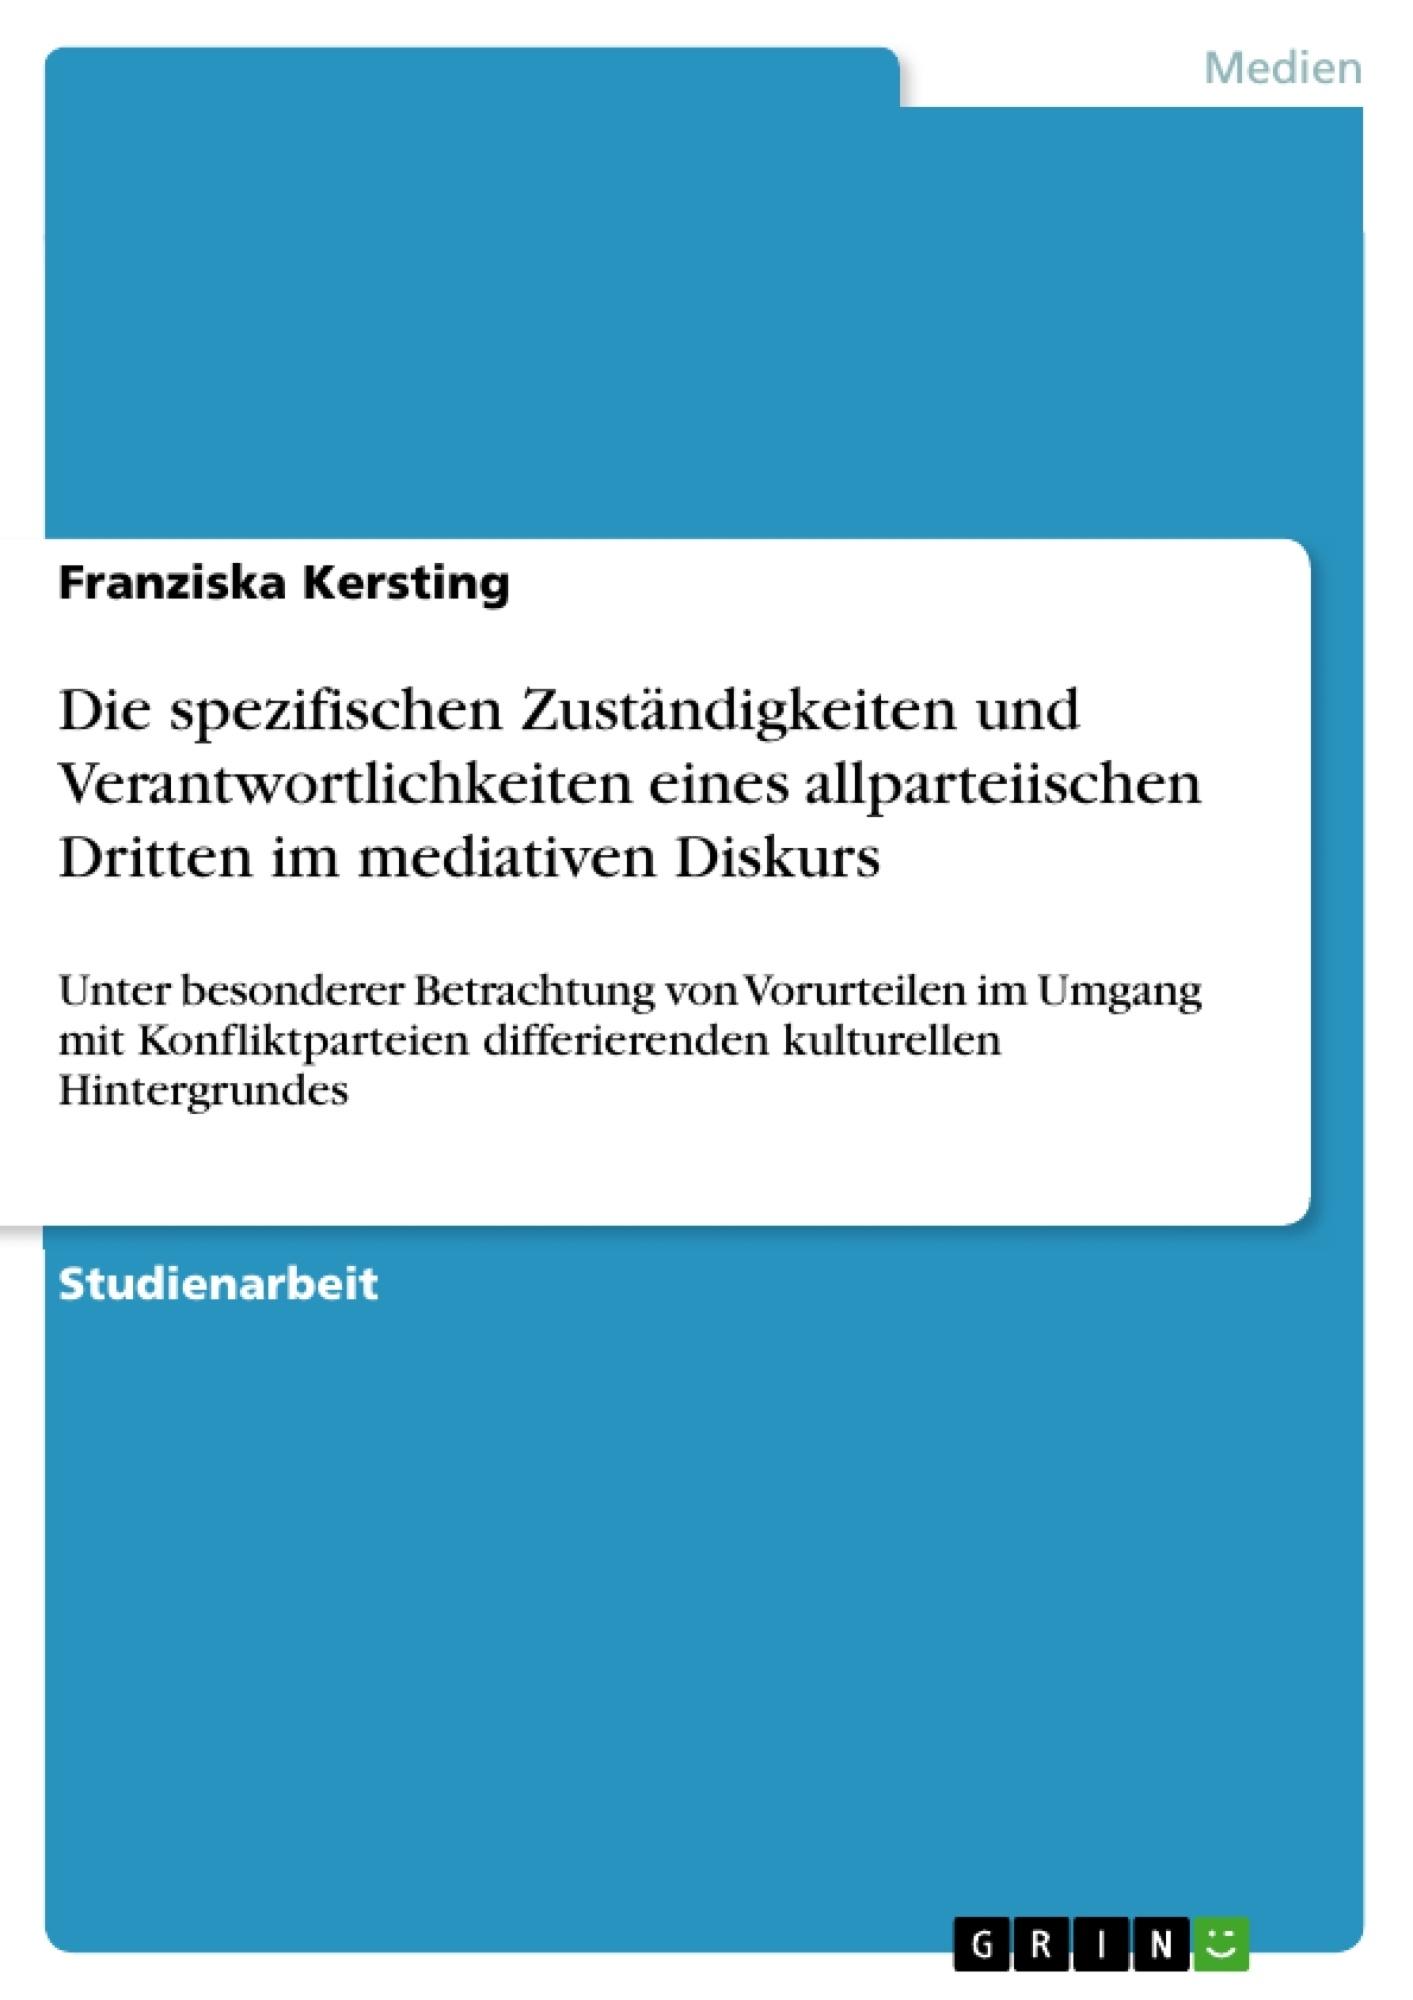 Titel: Die spezifischen Zuständigkeiten und Verantwortlichkeiten eines allparteiischen Dritten im mediativen Diskurs